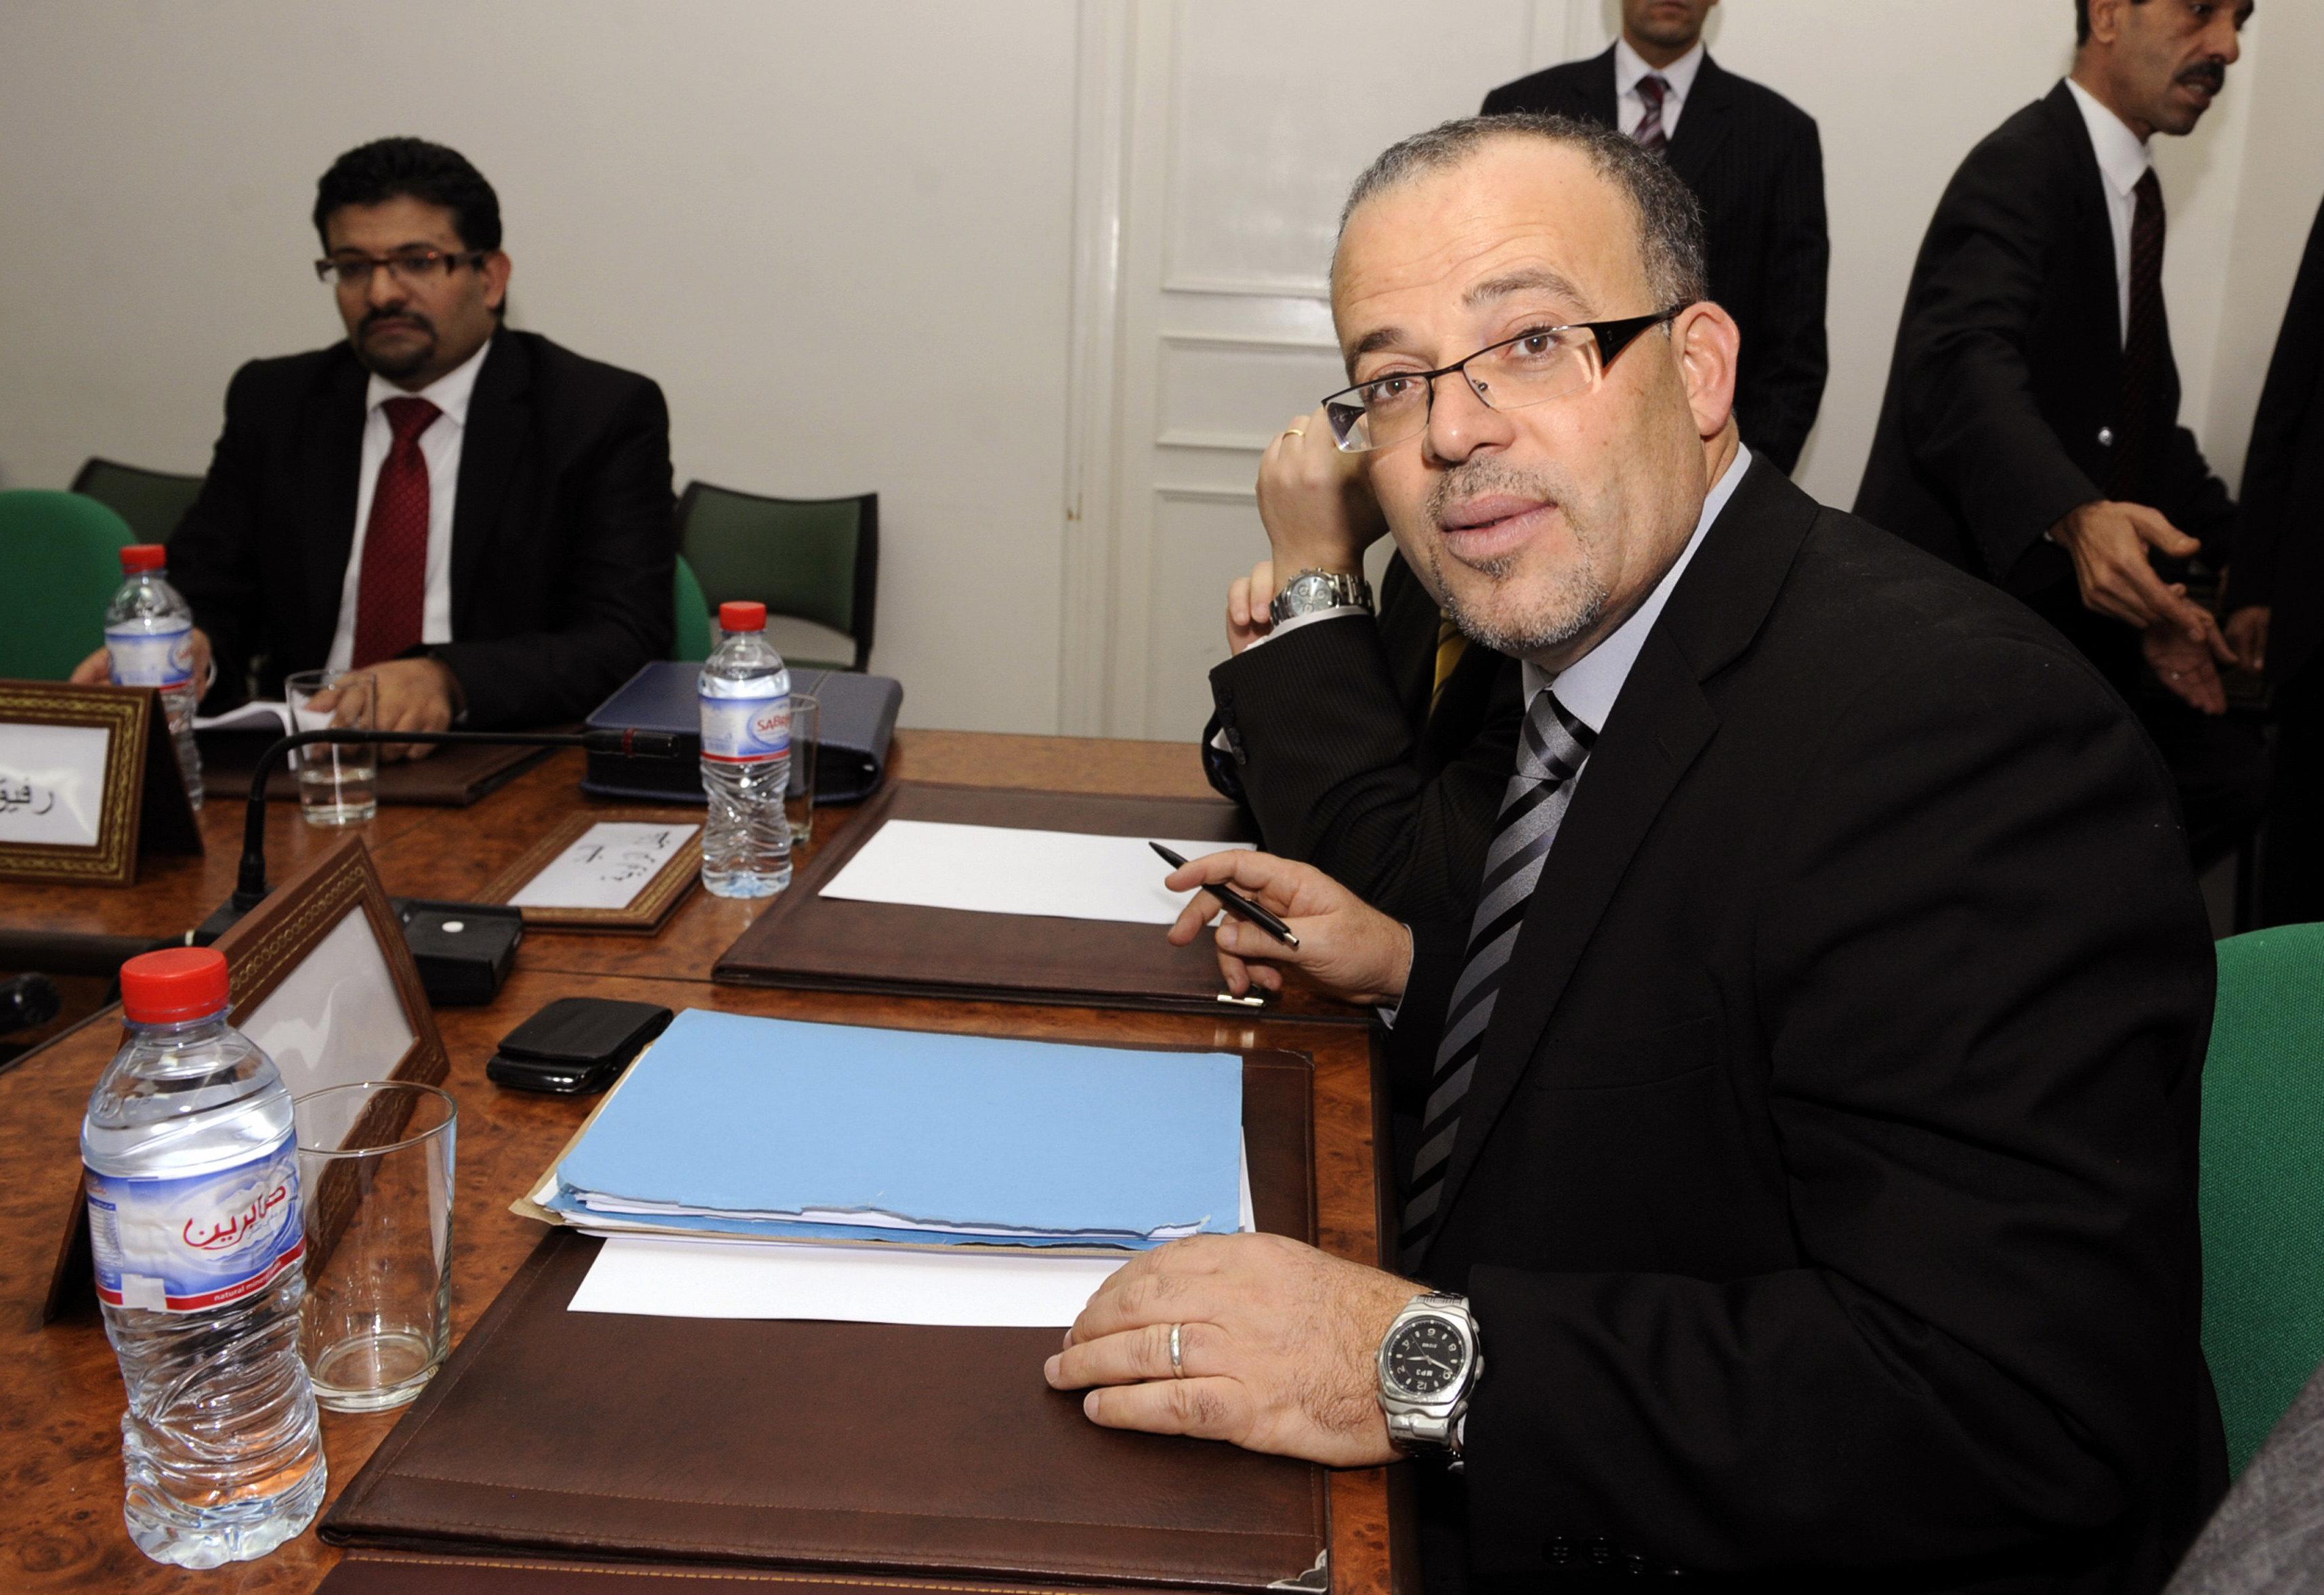 Samir Dilou pas d'accord avec l'implication du président de la République dans les affaires de Nidaa